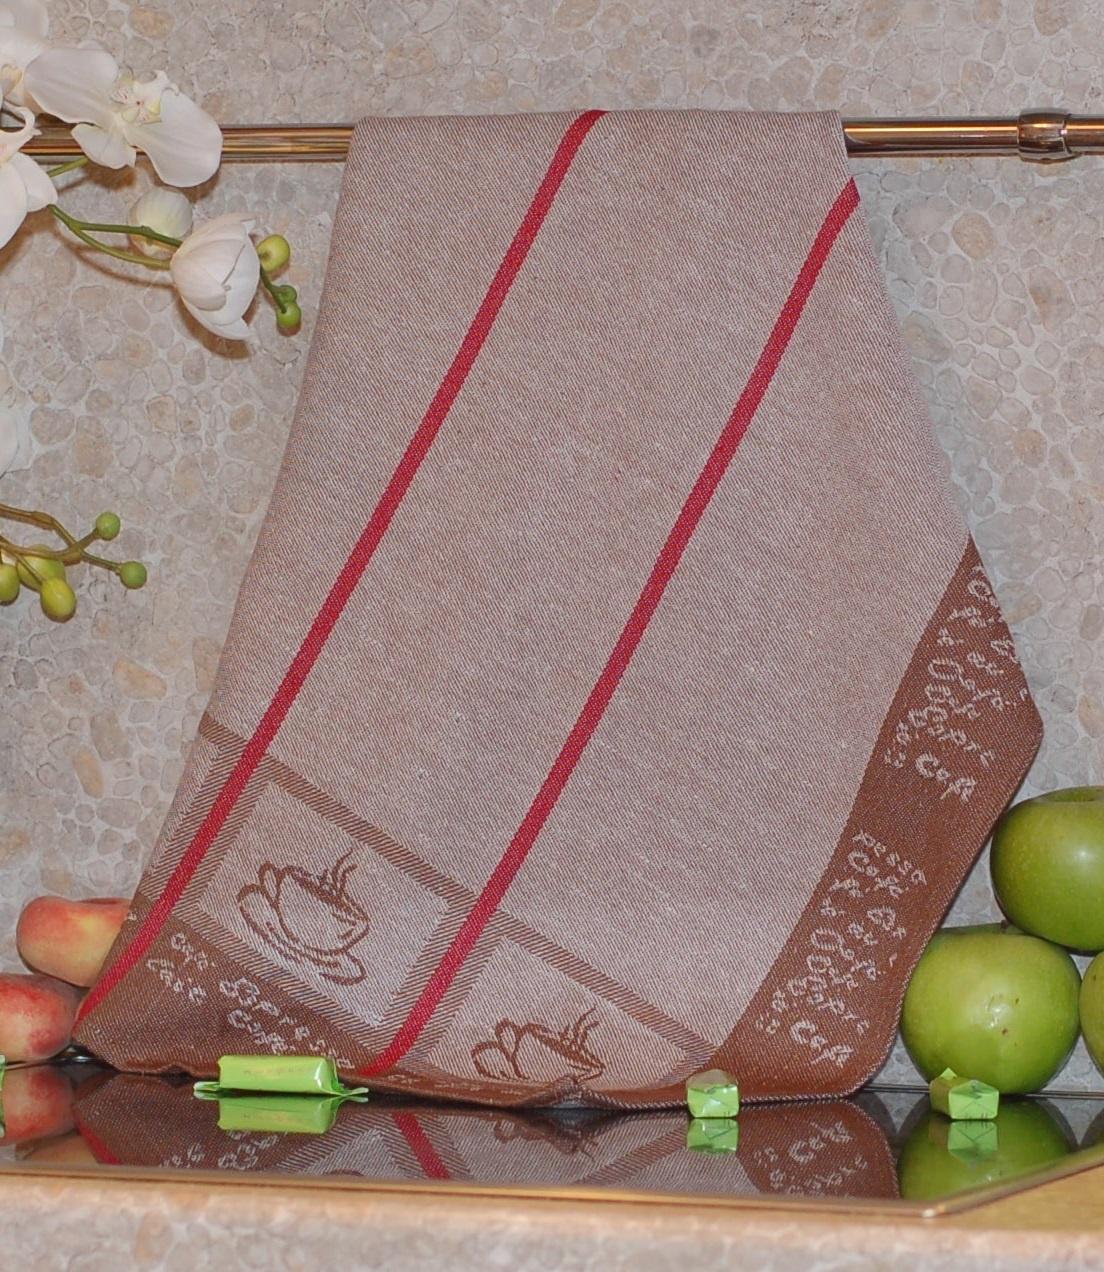 Полотенце жаккардовое ТекСтиль 507061-1 CAFЕ полотенце кухонное текстиль для дома 507061 1 cafе коричневый бежевый красный